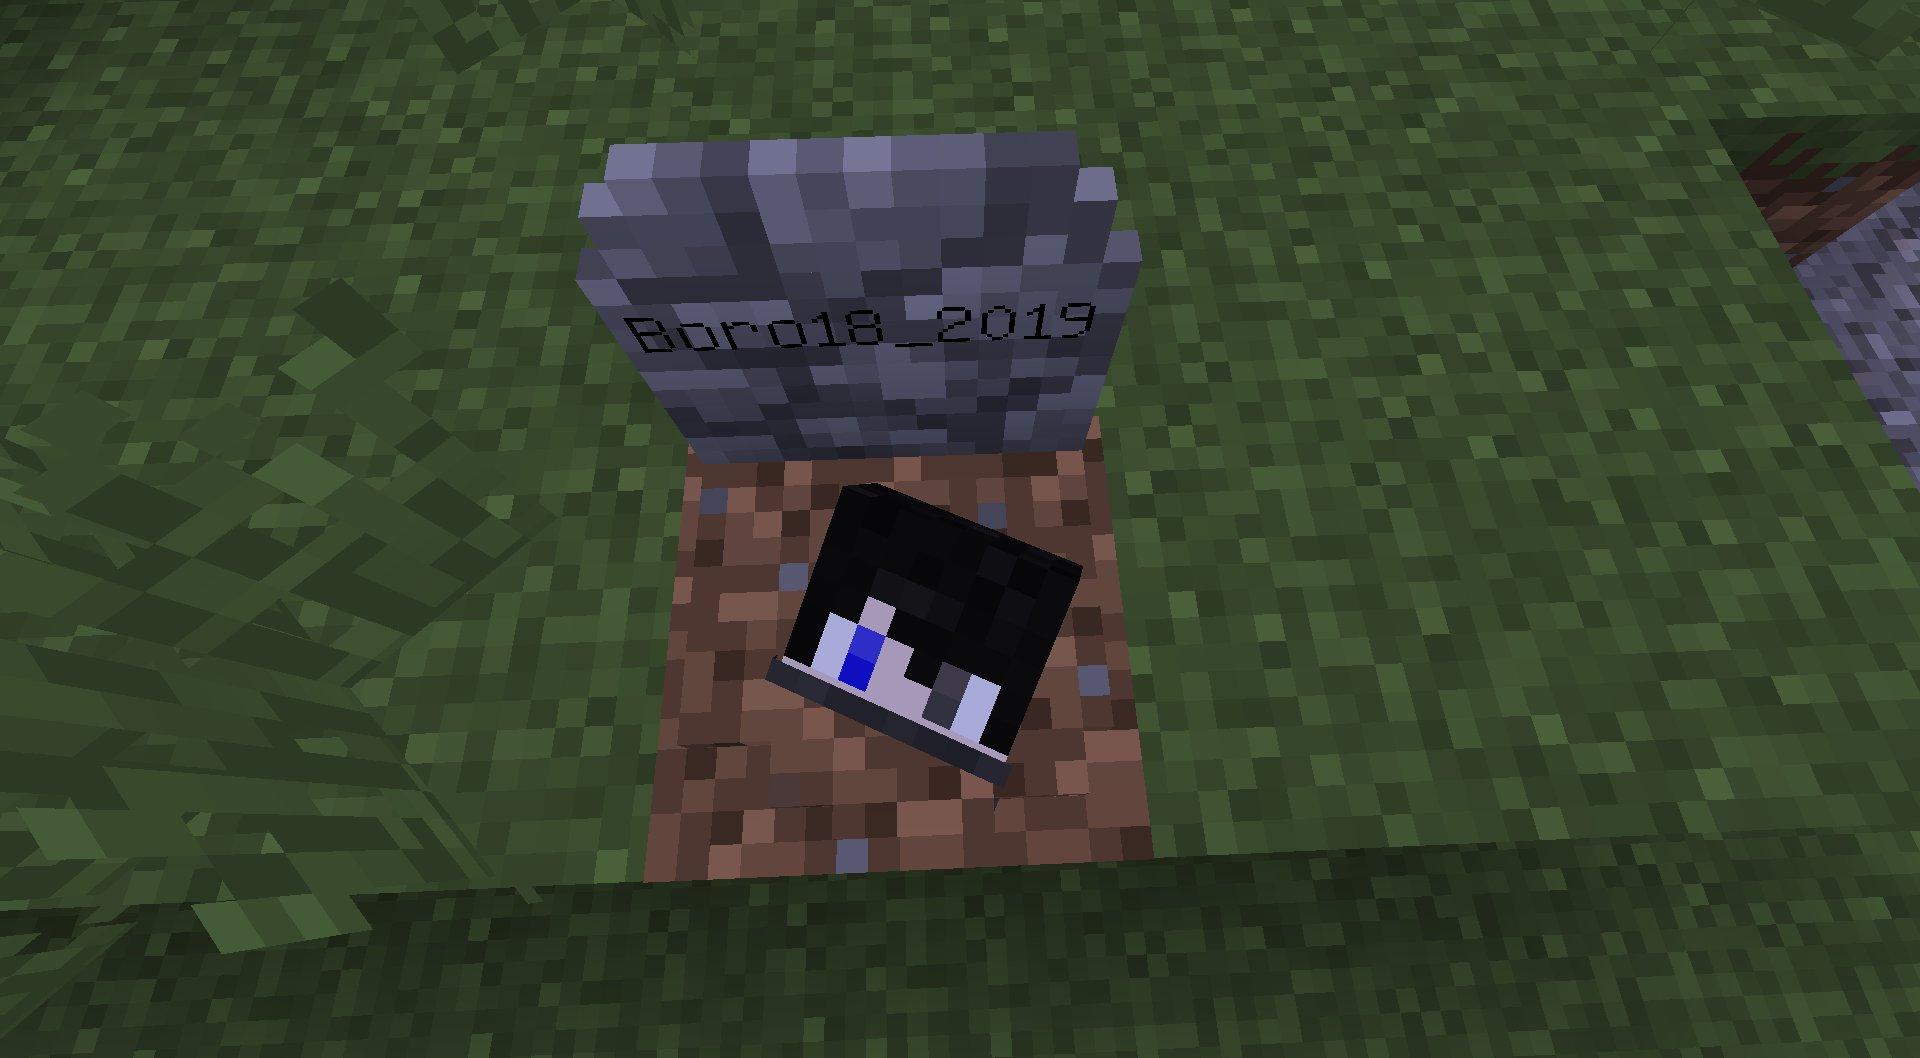 gravestone mod minecraft 1.13.2 nagrobek gracza